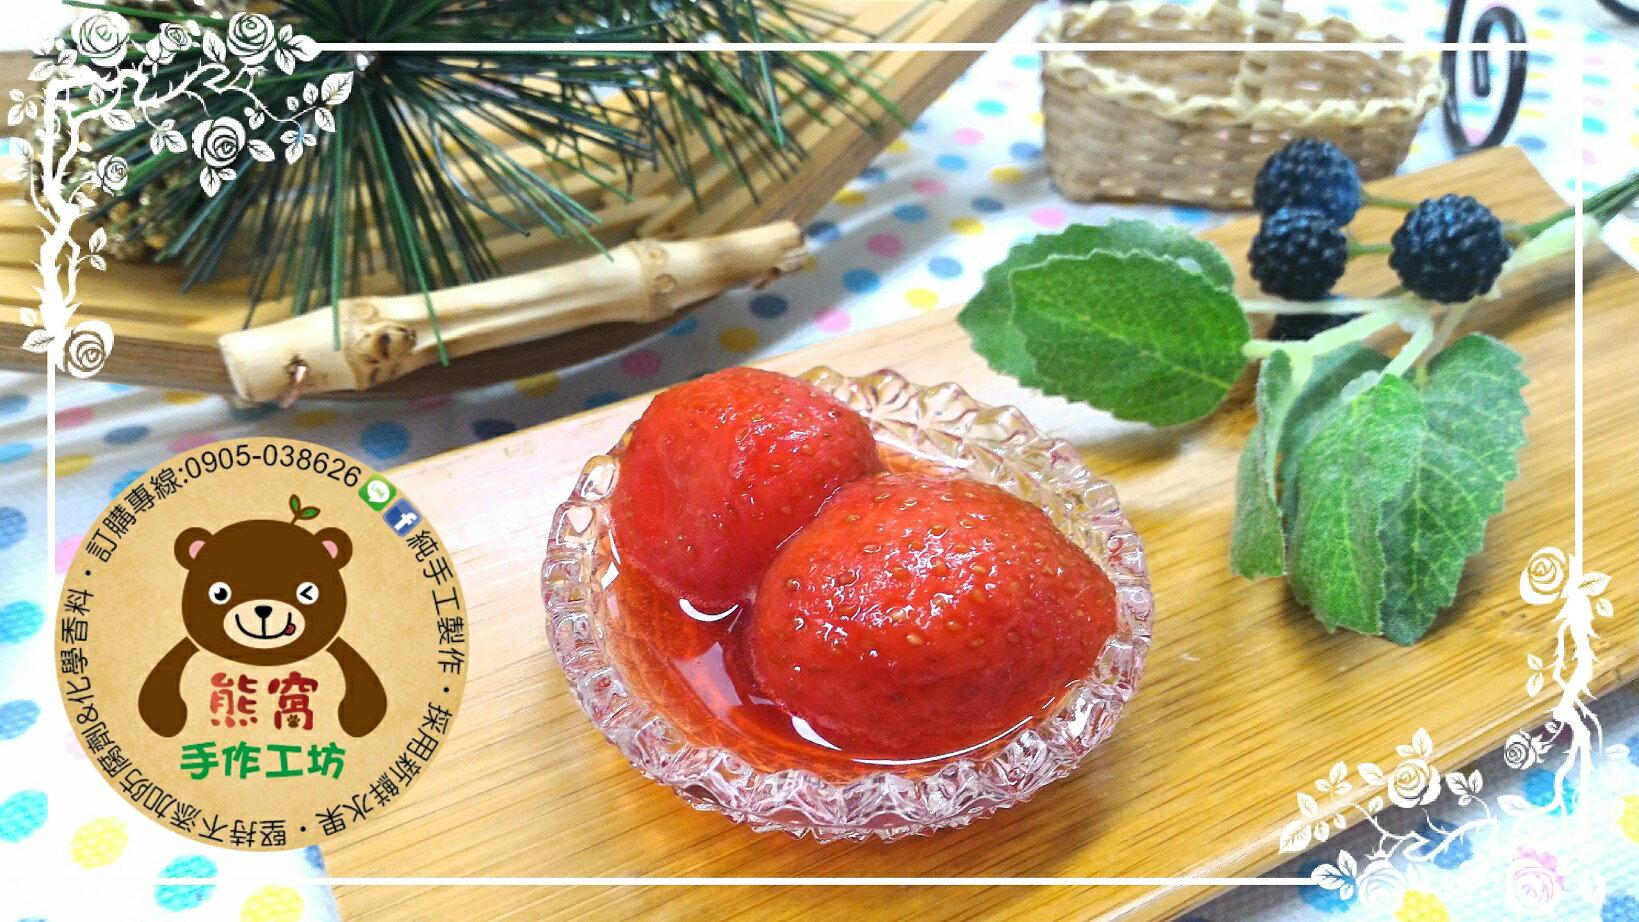 熊窩手作工坊~堅持純 製作^~100^%原汁原味^~草莓鮮水果醬^~~ 180元 ~  好